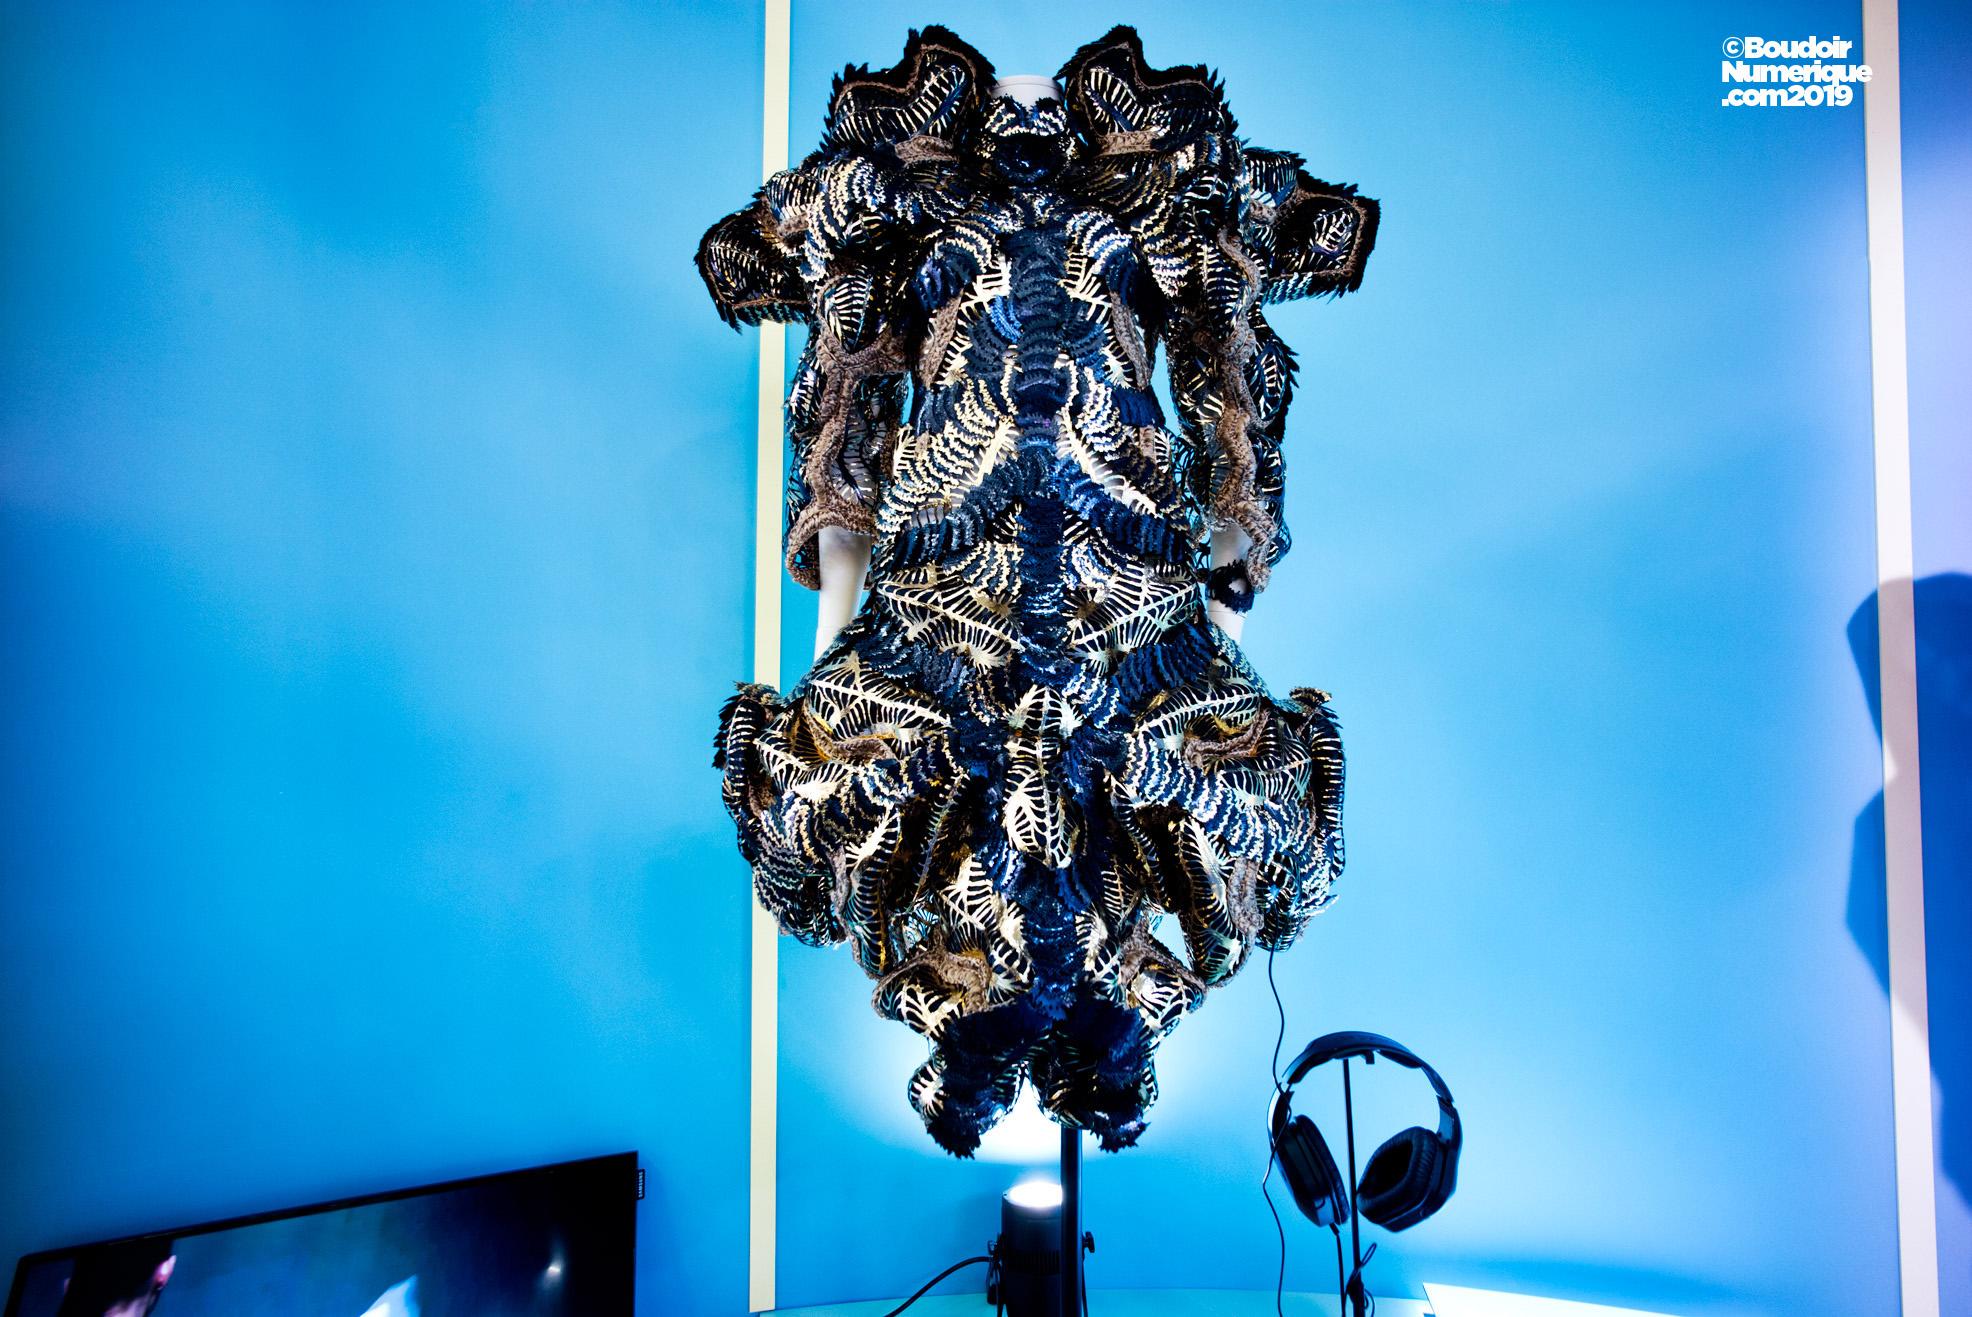 """Robe Interactive """"Spectral Radiance"""" de la designer hollandaise Maartje Dijkstra, créée en 2019, en collaboration avec Beorn Lebenstedt, connu sous son nom de DJ, Newk. Cette pièce unique, imprimée en 3D, intègre huit éléments qui réagissent à la musique imaginée par le musicien. Cette robe illustre la manière dont la musique influence le comportement humain."""